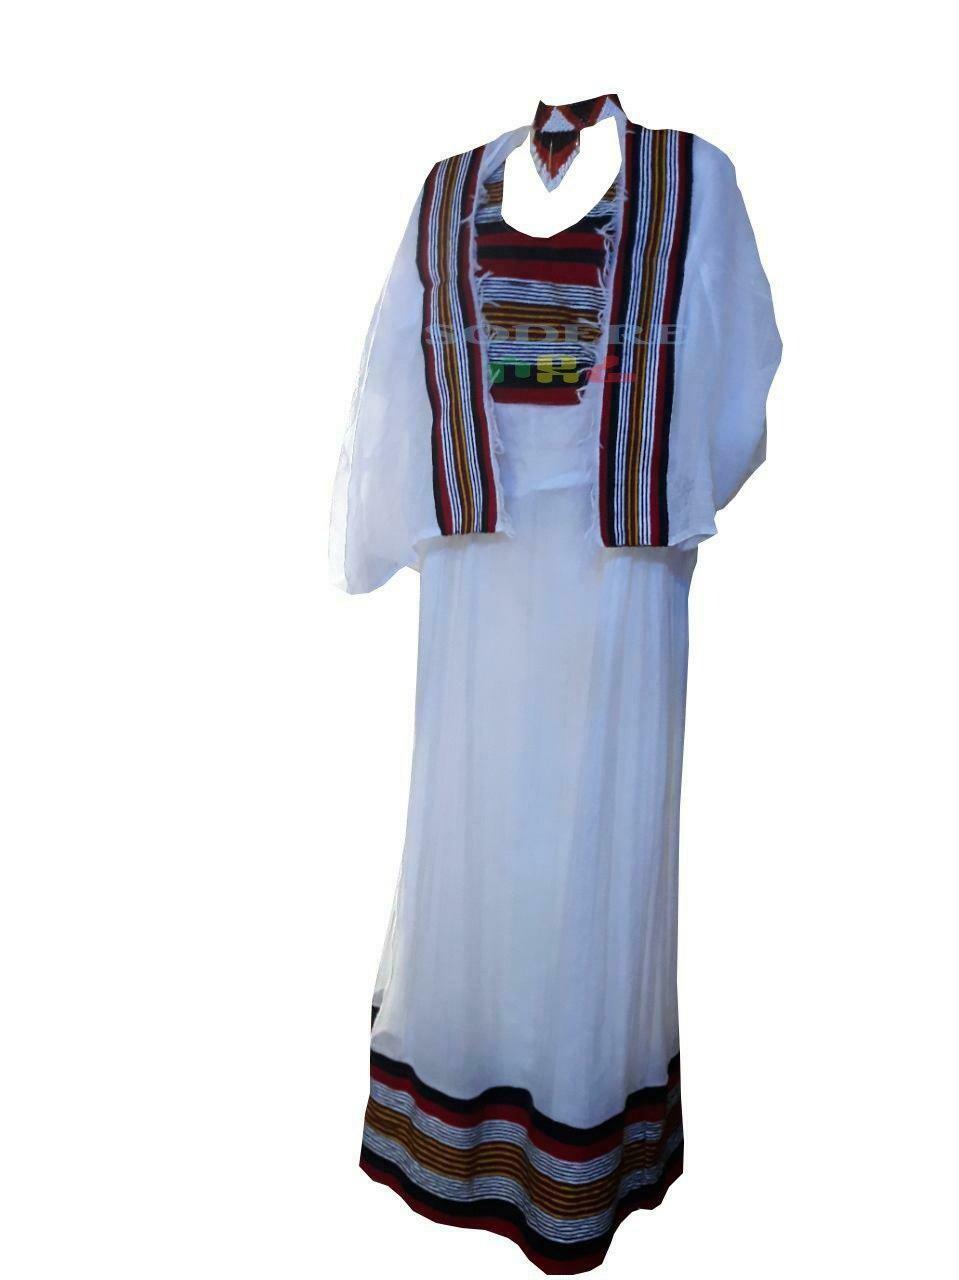 የኦሮሞ ባህላዊ ልብስ Oromo Traditional Cloth